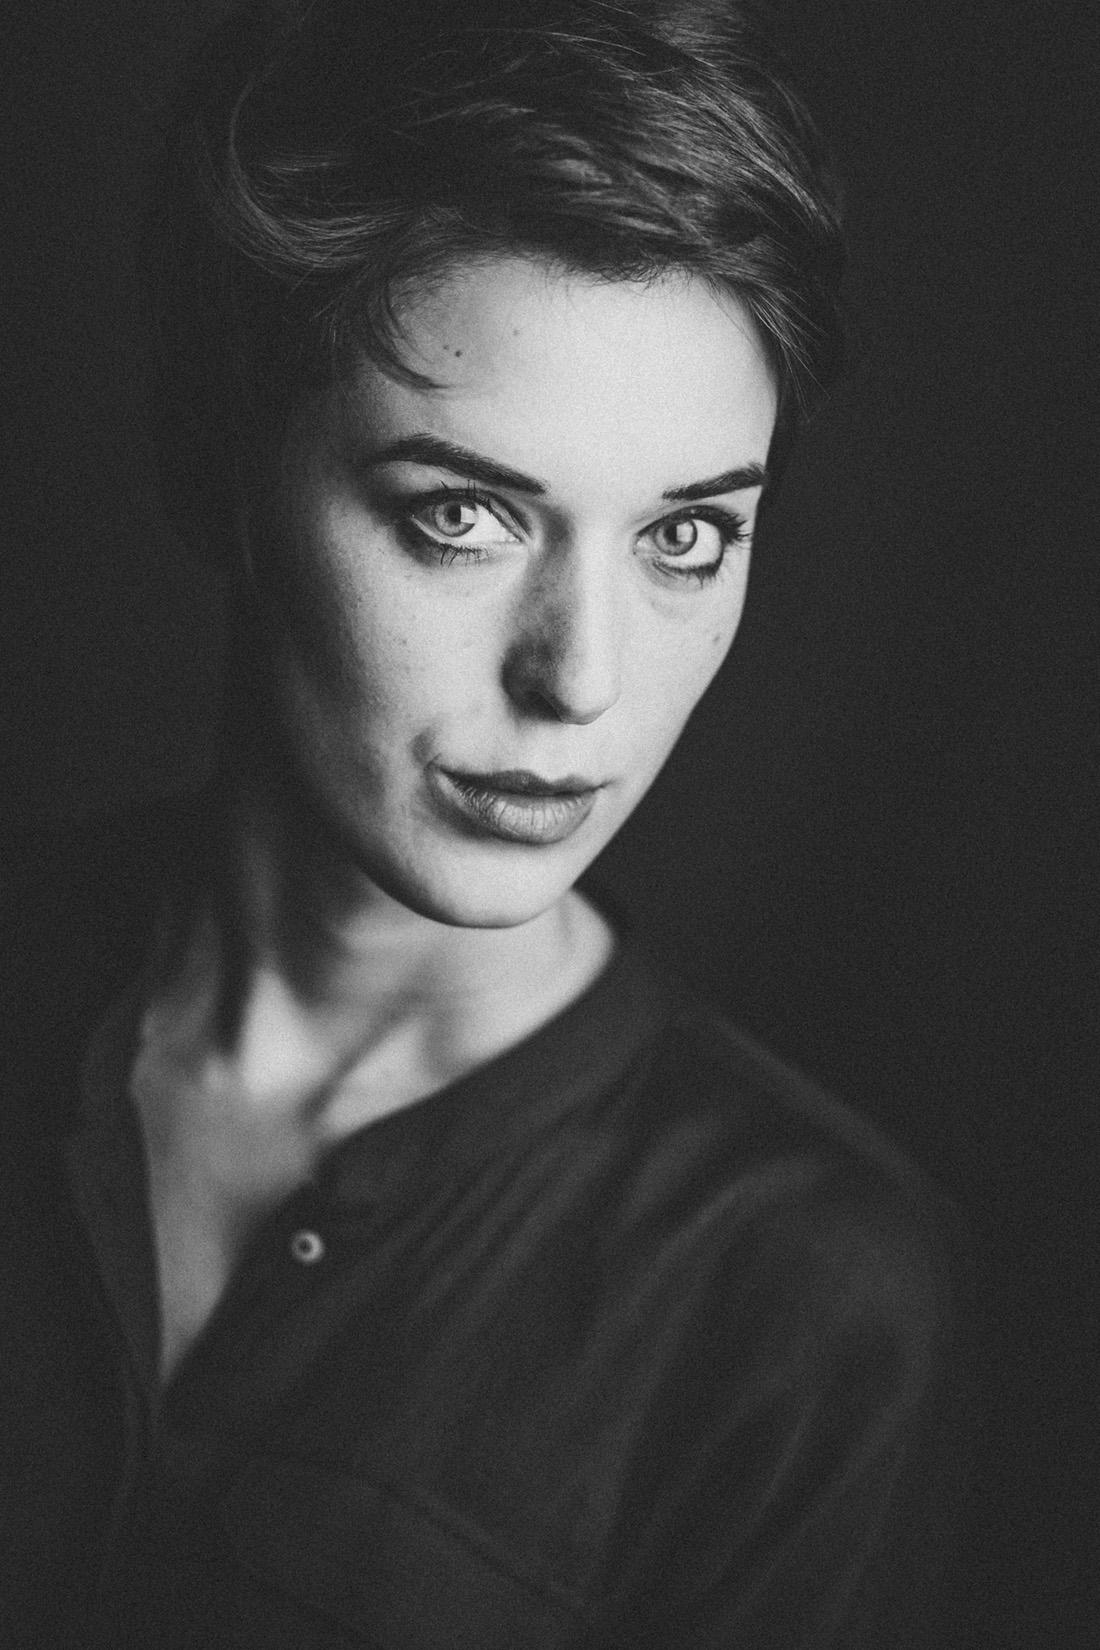 portraitfotos gießen - stilvolle und einzigartige fotografie mit charme - studioportrait von anna in schwarzweiss